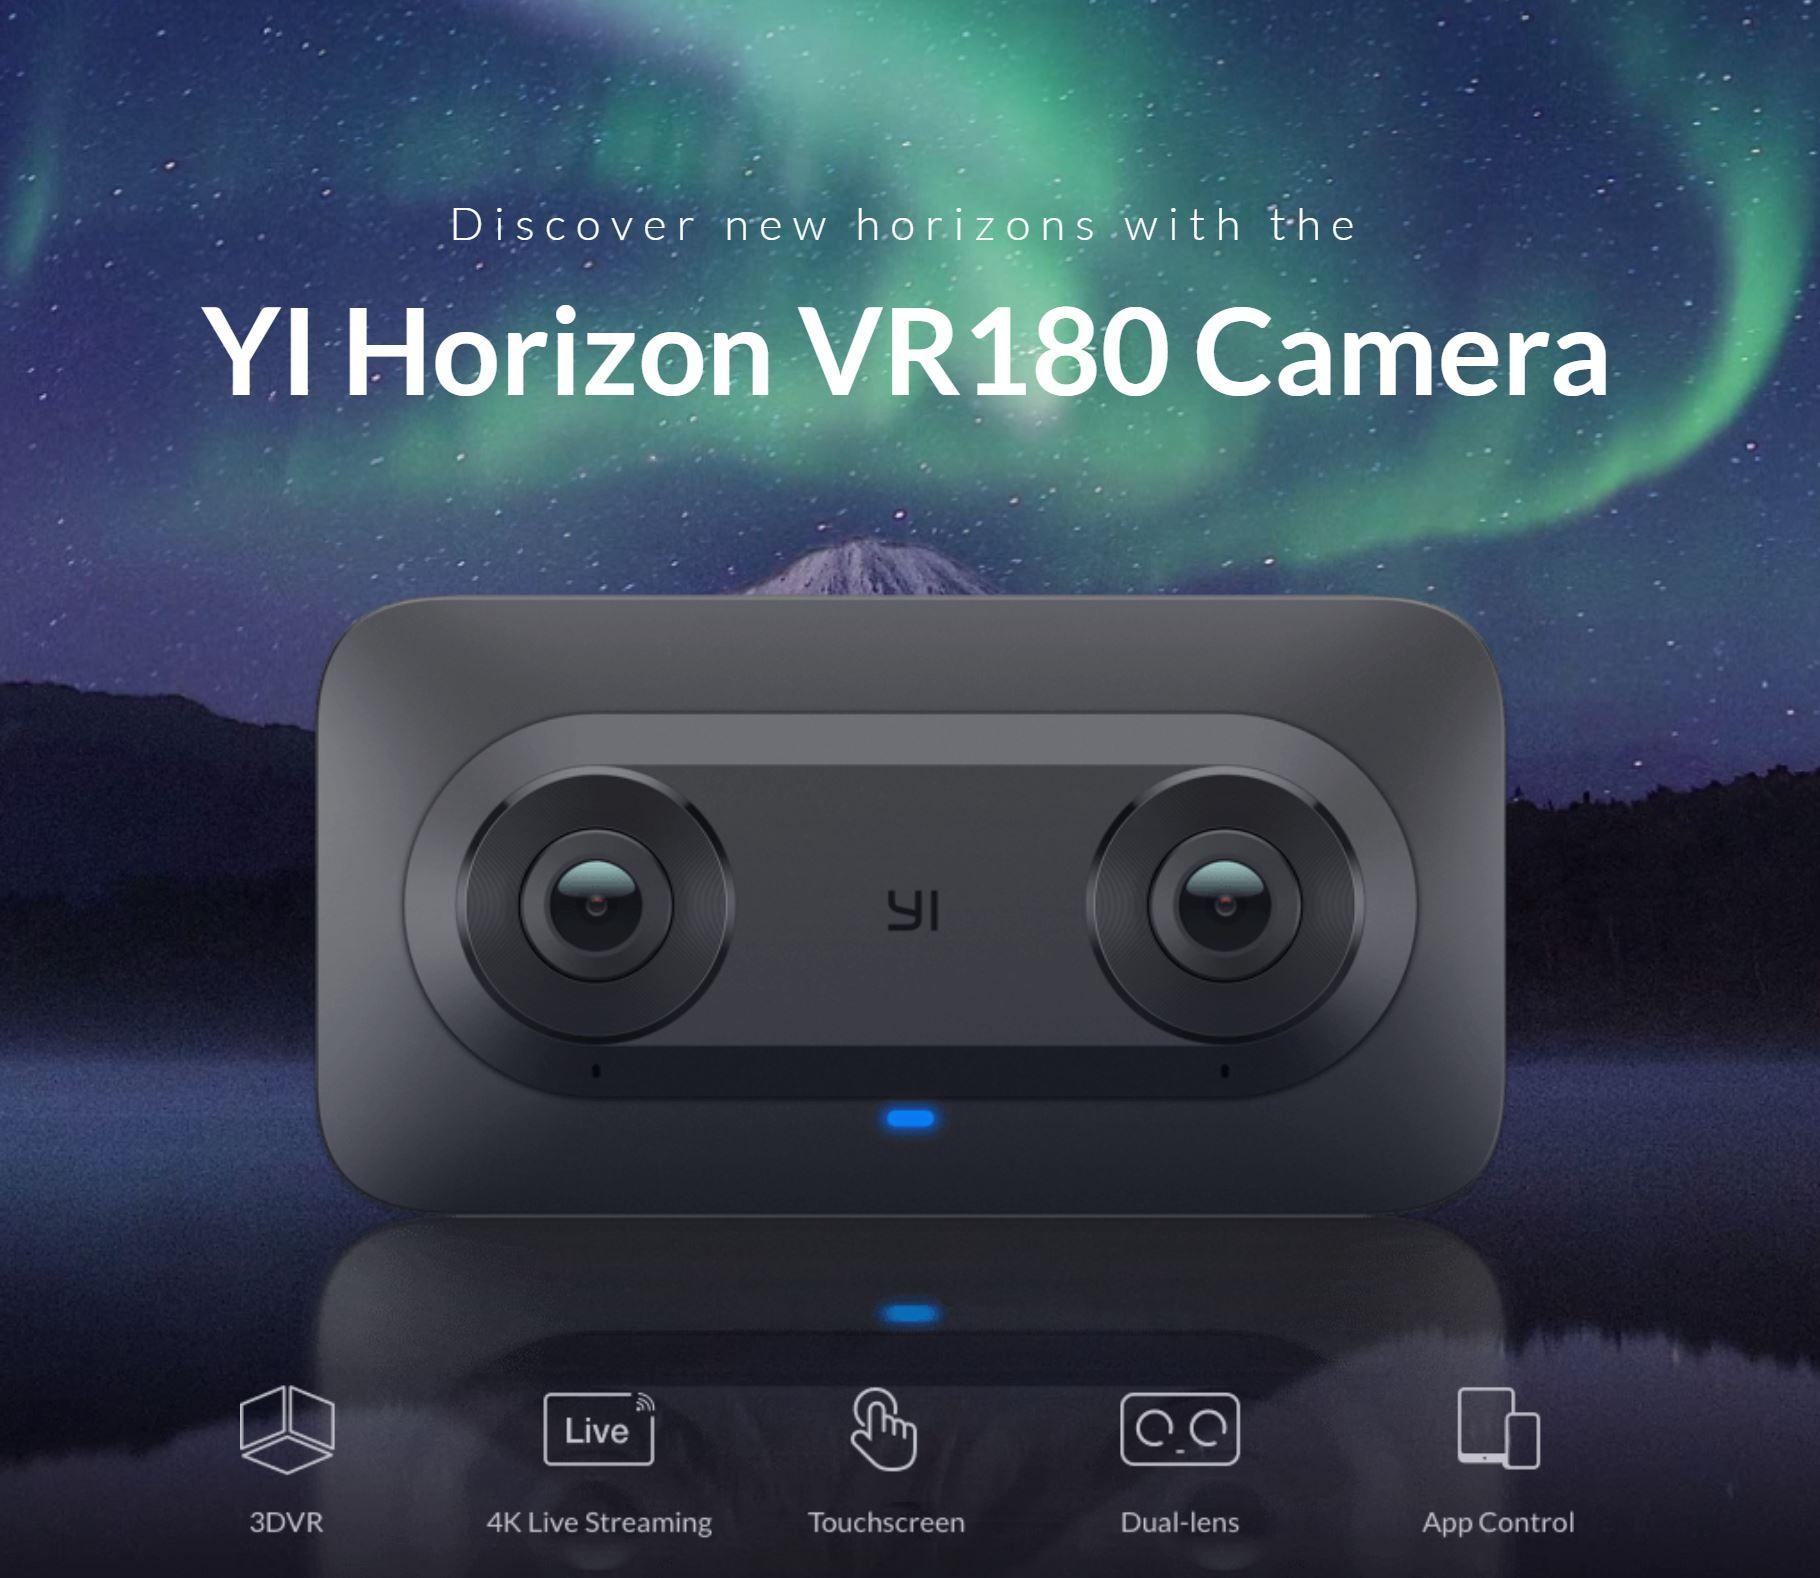 Google and YI Technology Announce new YI Horizon VR180